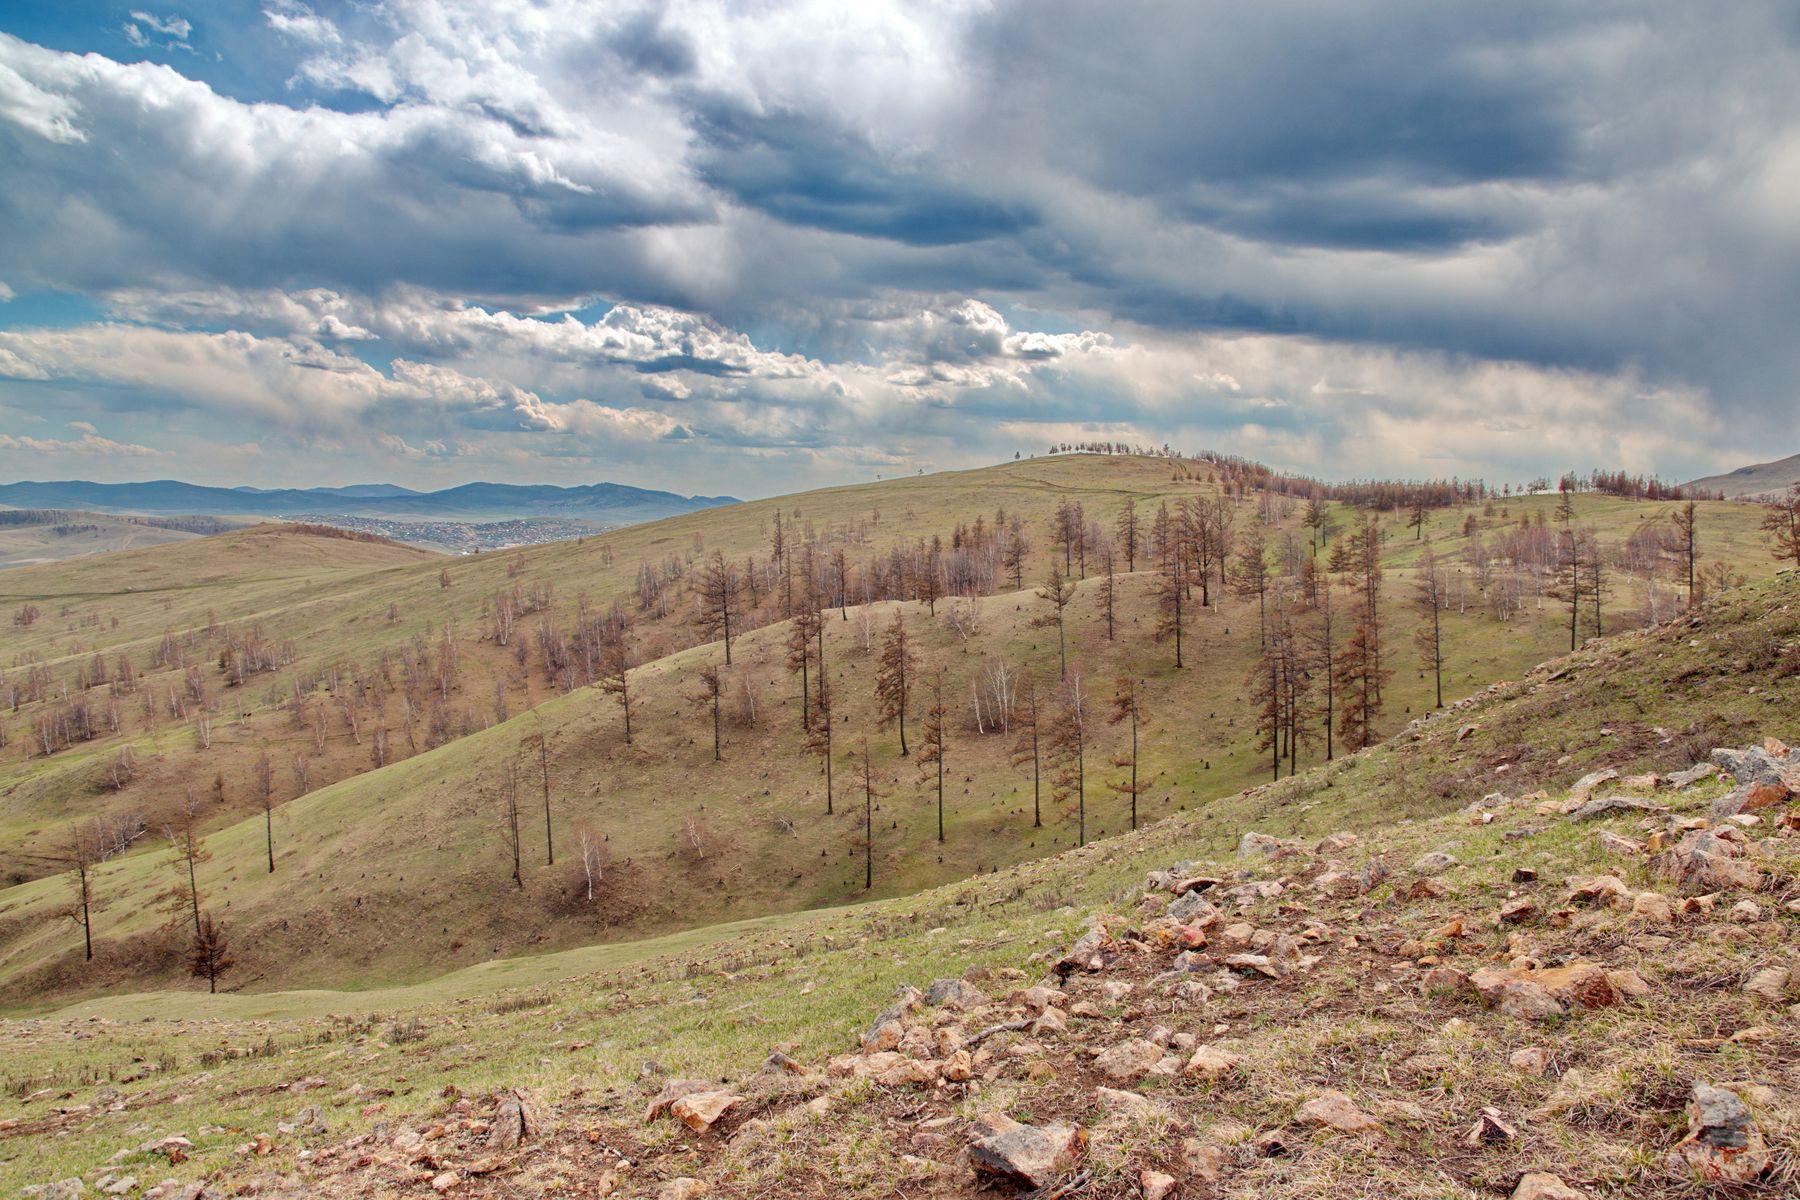 В сопки пришла весна трава сопки пейзаж облака небо камни деревья